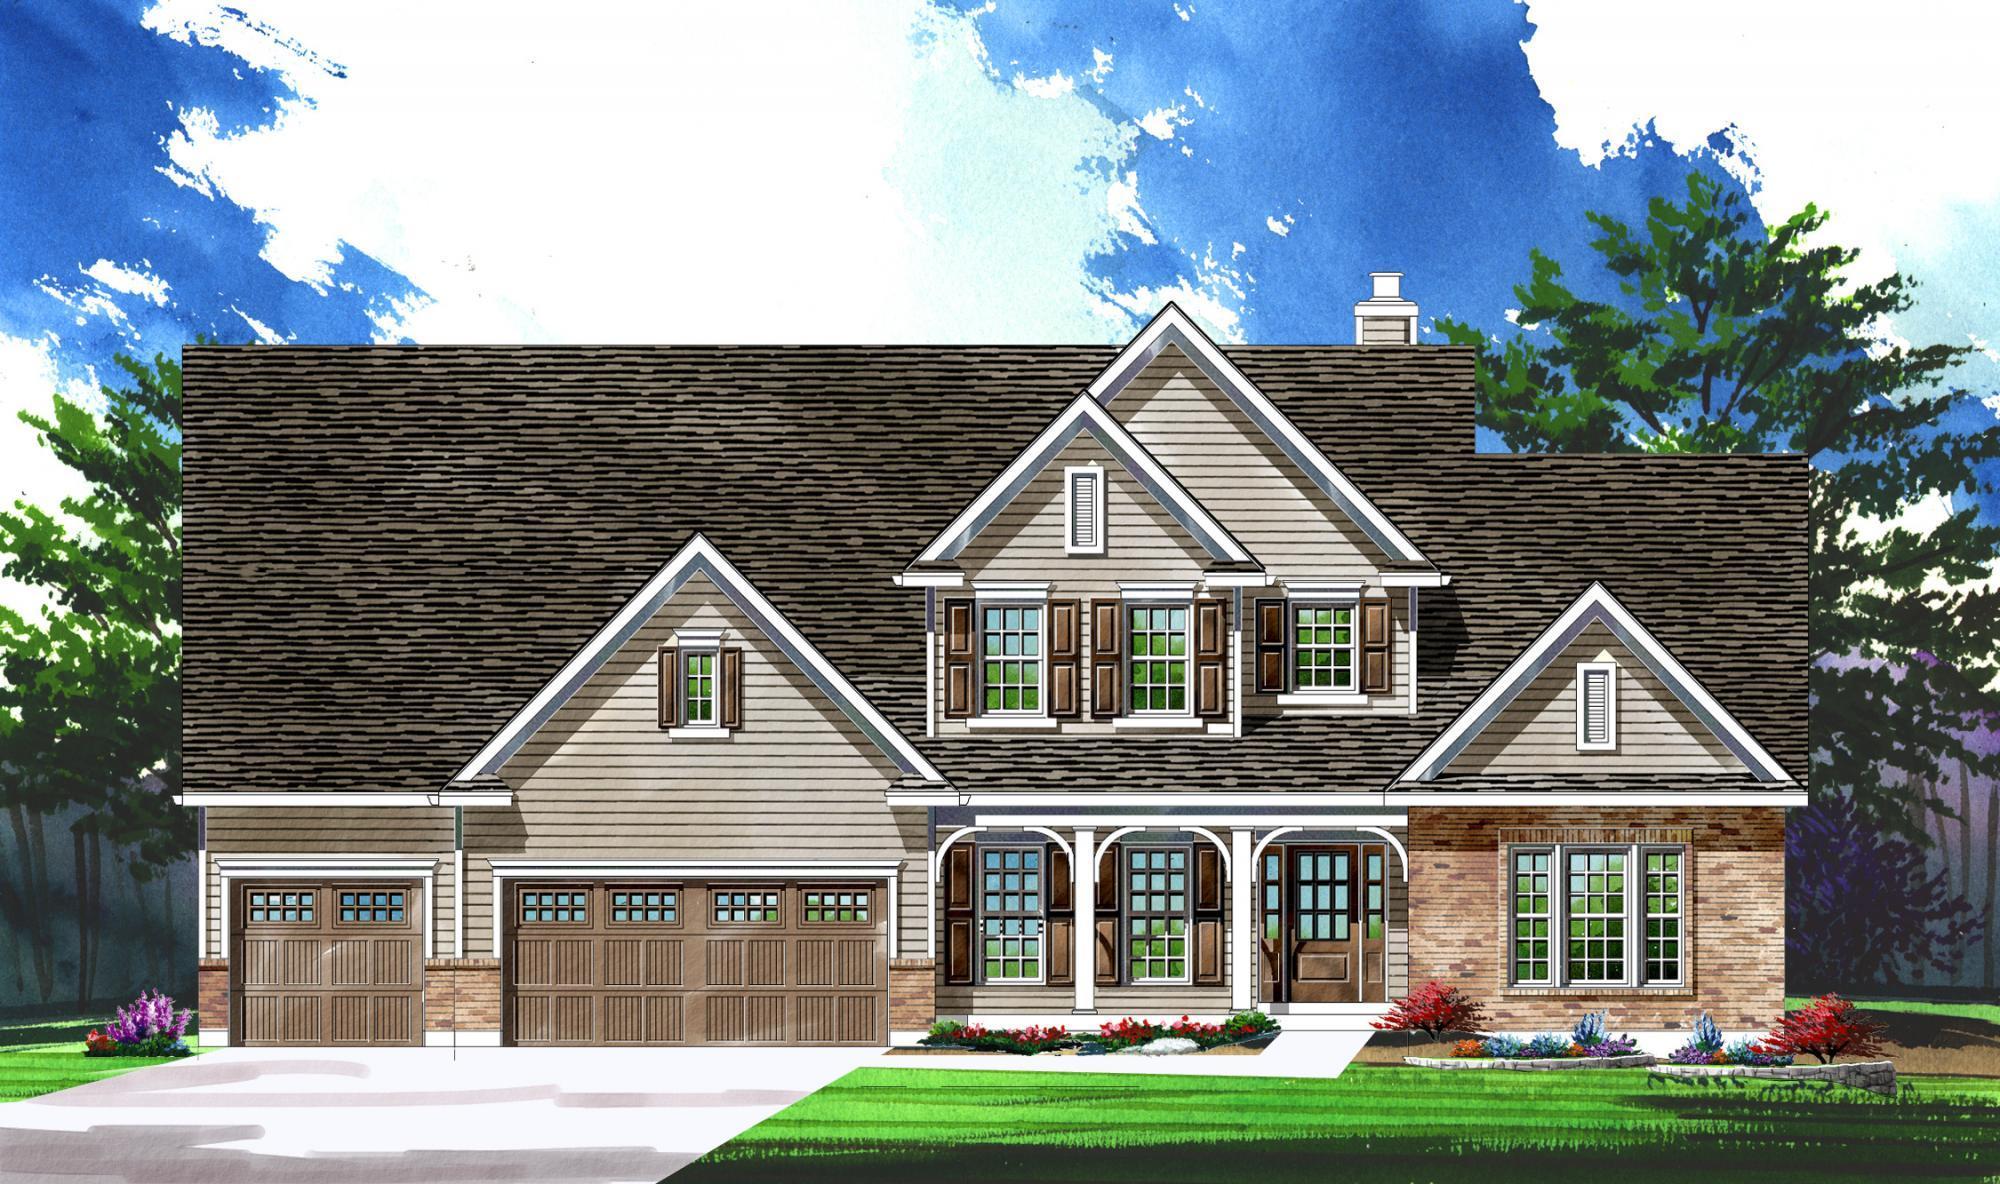 单亲家庭 为 销售 在 Warwick On White Road - Parkview Ii - Warwick 1168 Whetherly Landing Chesterfield, Missouri 63017 United States